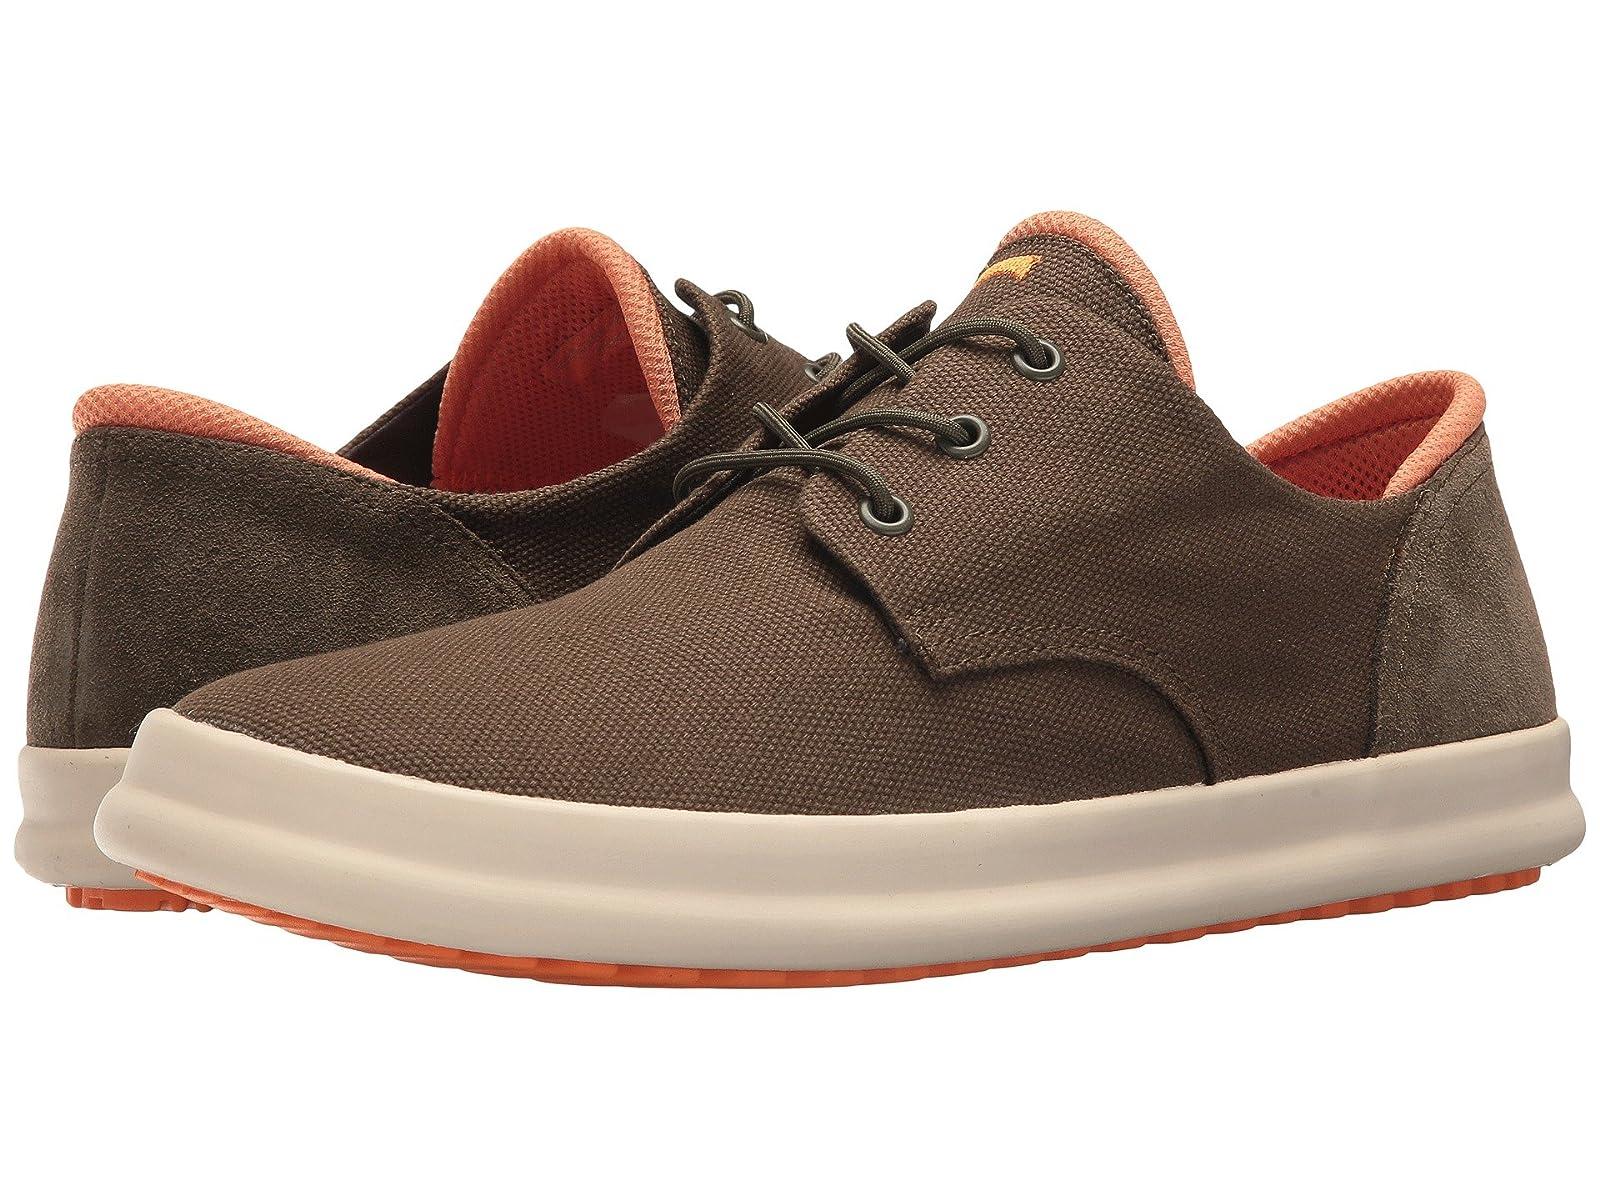 Camper Chasis - K100281Atmospheric grades have affordable shoes